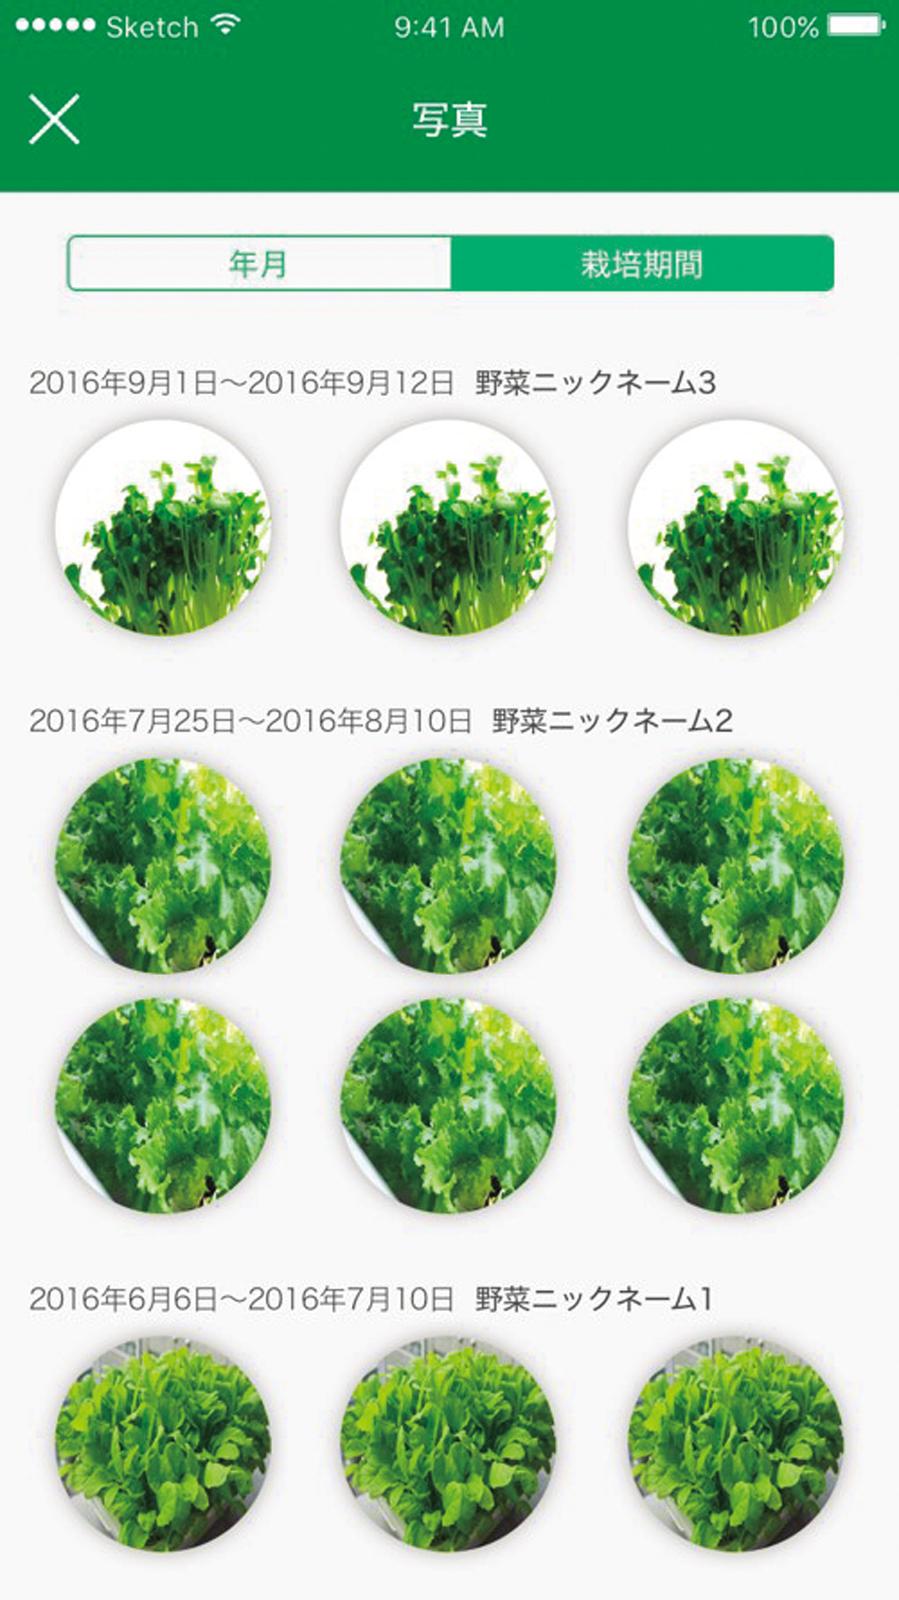 ↑種を植えて2〜3日で発芽。アプリではカメラ撮影した野菜の生長過程の一覧表示もできる